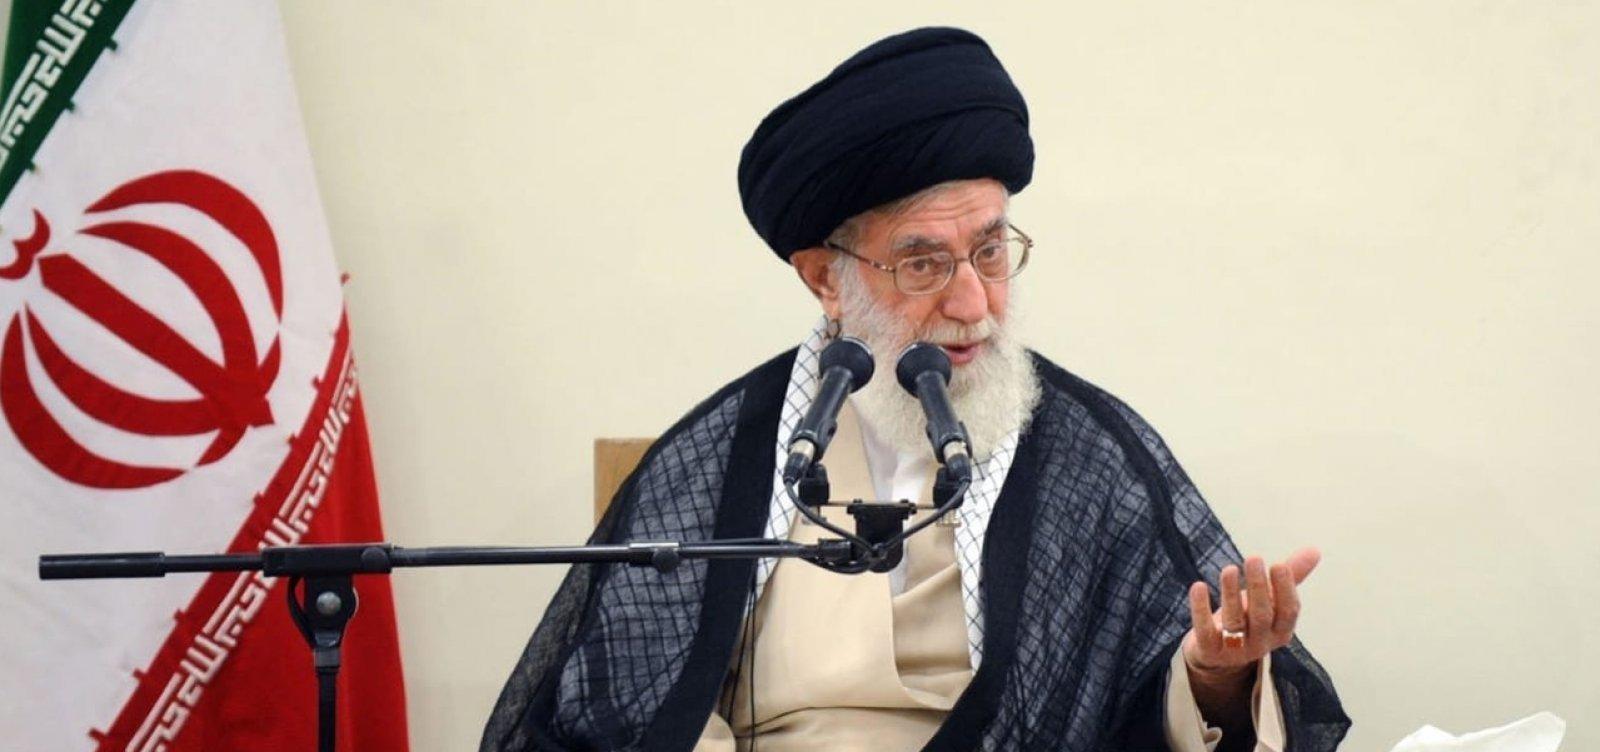 [Irã anuncia lançamento de satélite que, segundo os EUA, é parte de programa de mísseis]